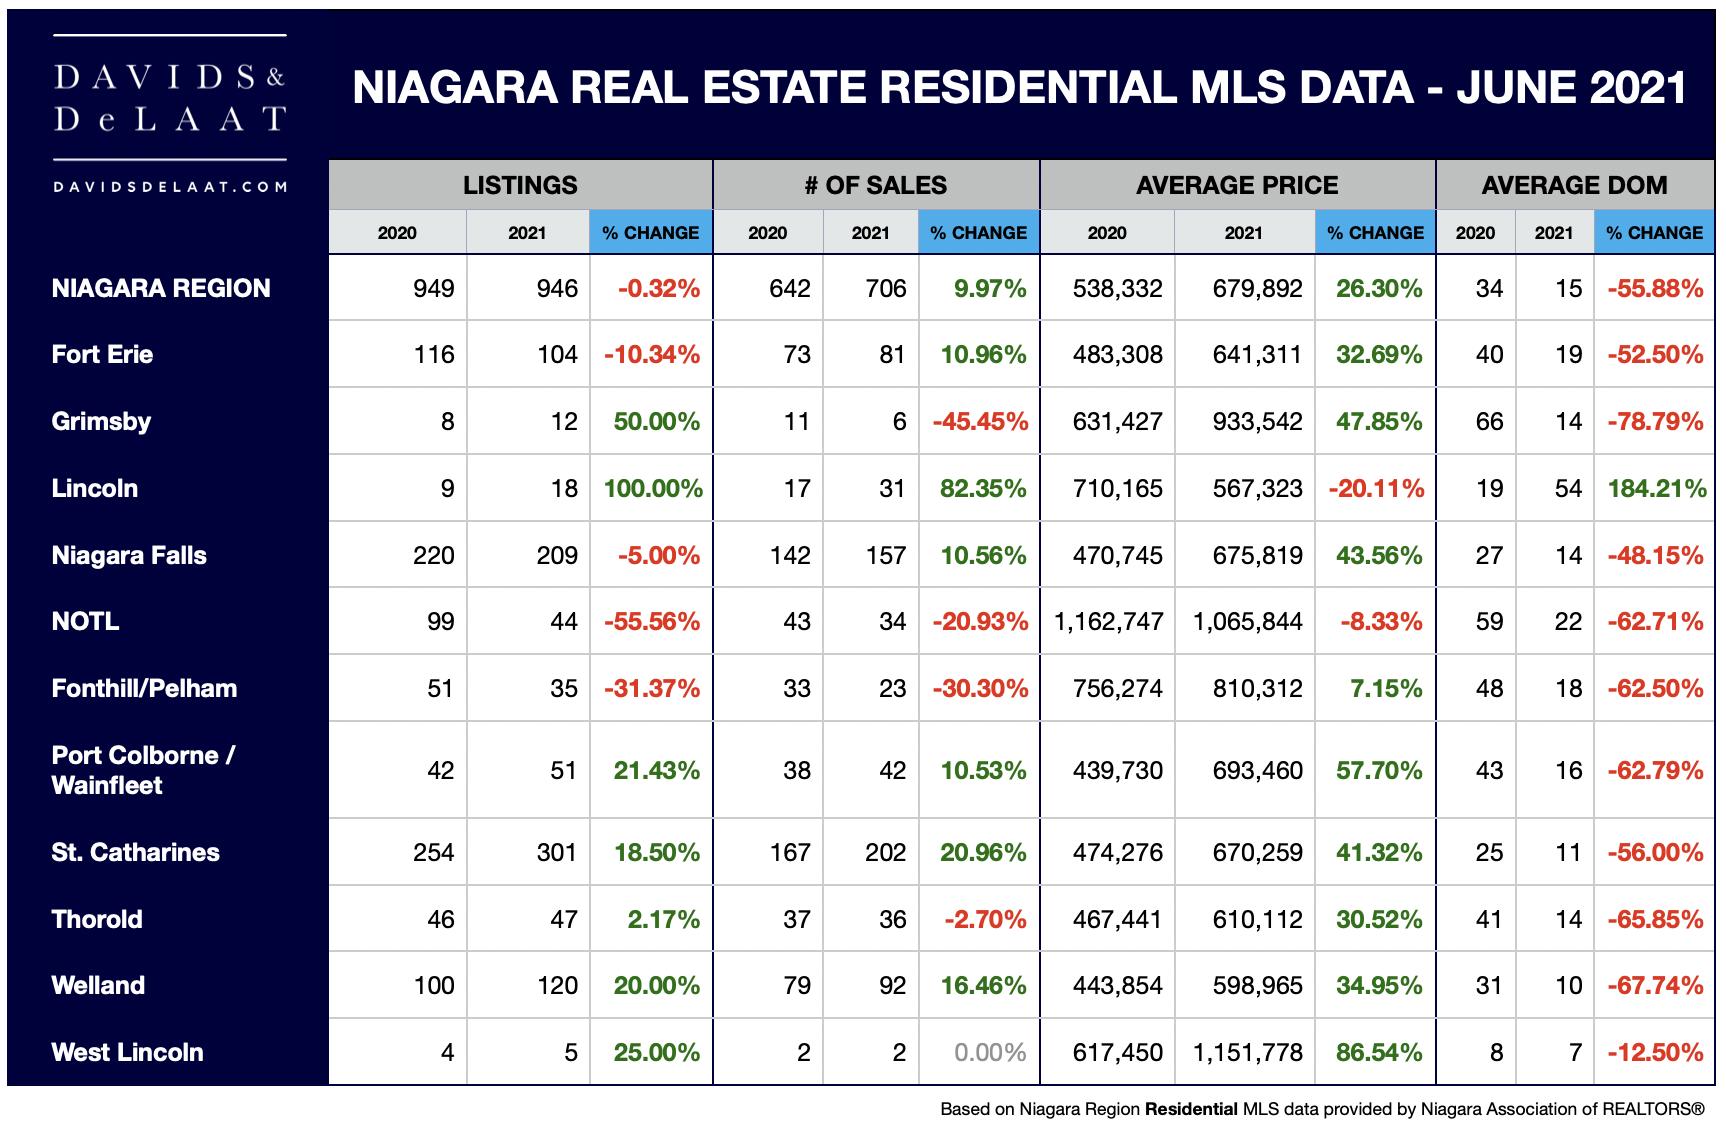 Niagara Real Estate Residential MLS data June 2021 vs June 2020